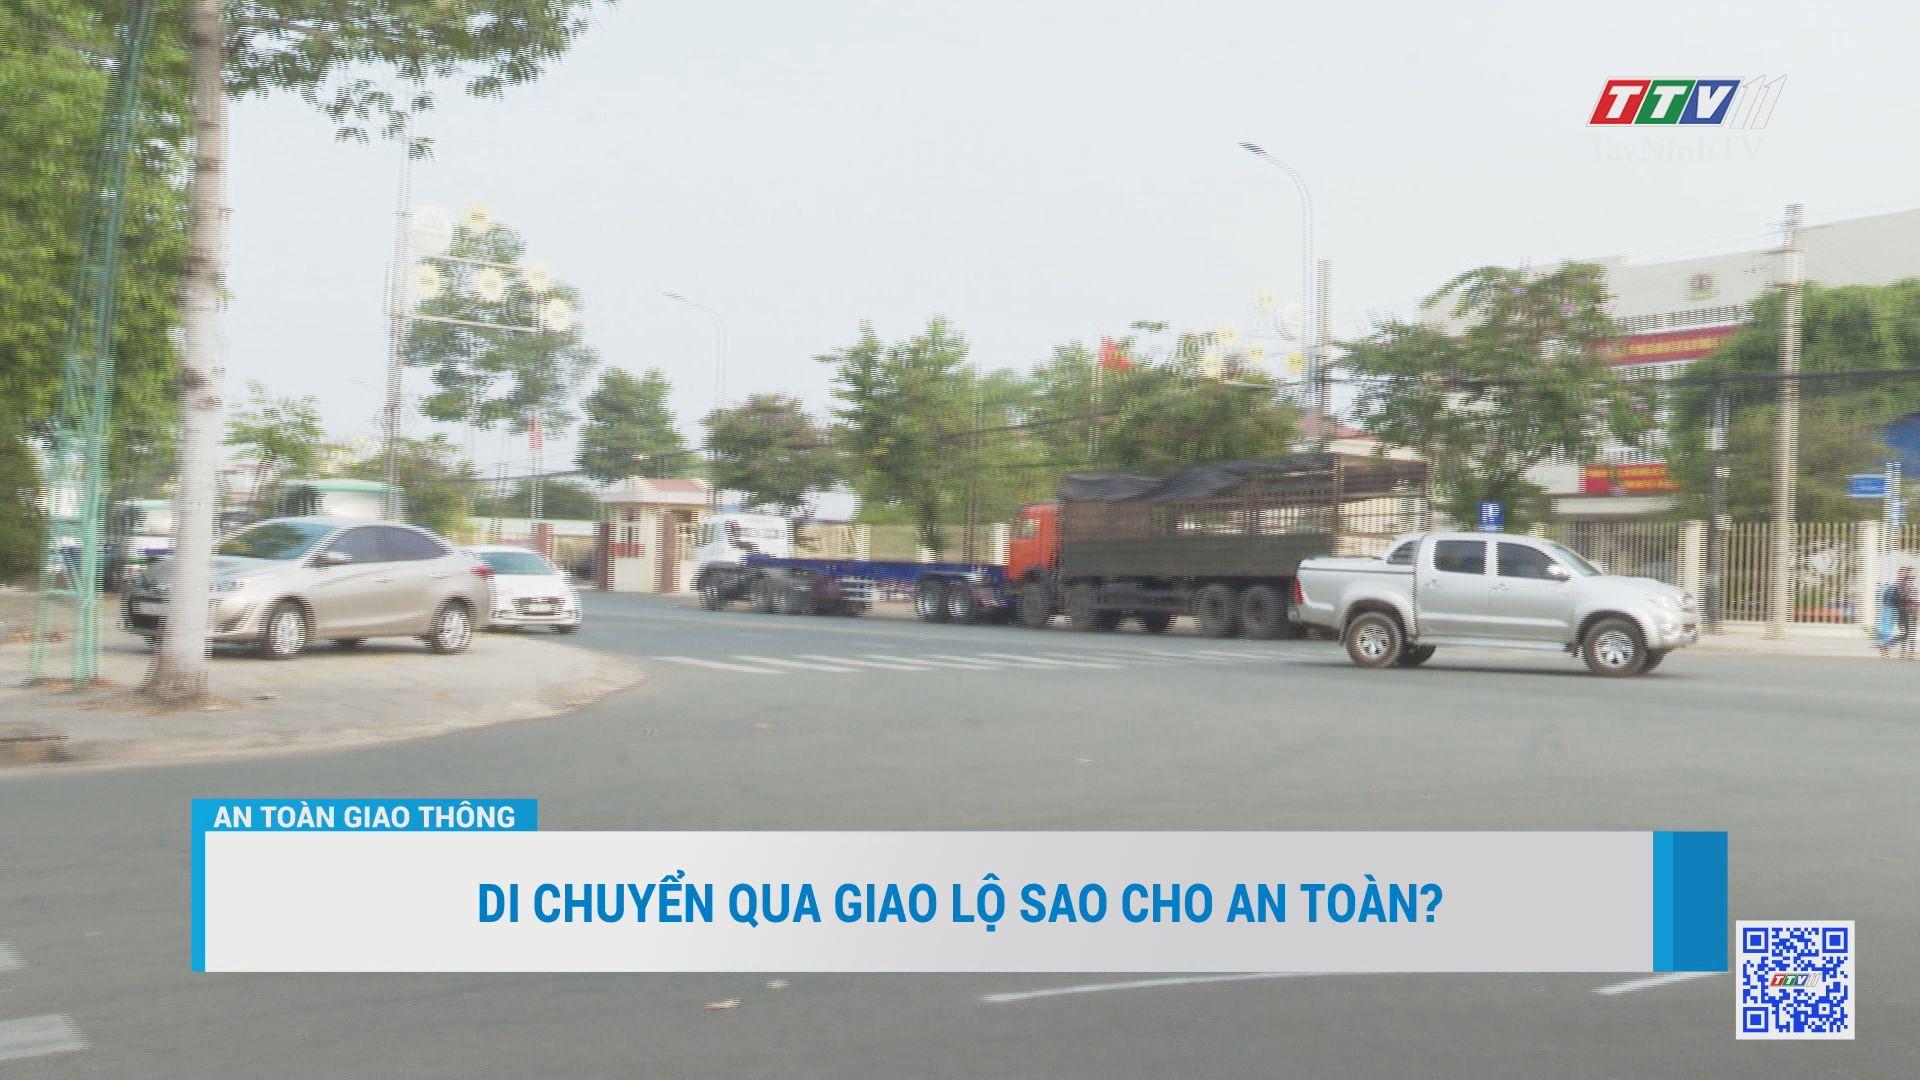 Di chuyển qua giao lộ sao cho an toàn? | AN TOÀN GIAO THÔNG | TayNinhTV